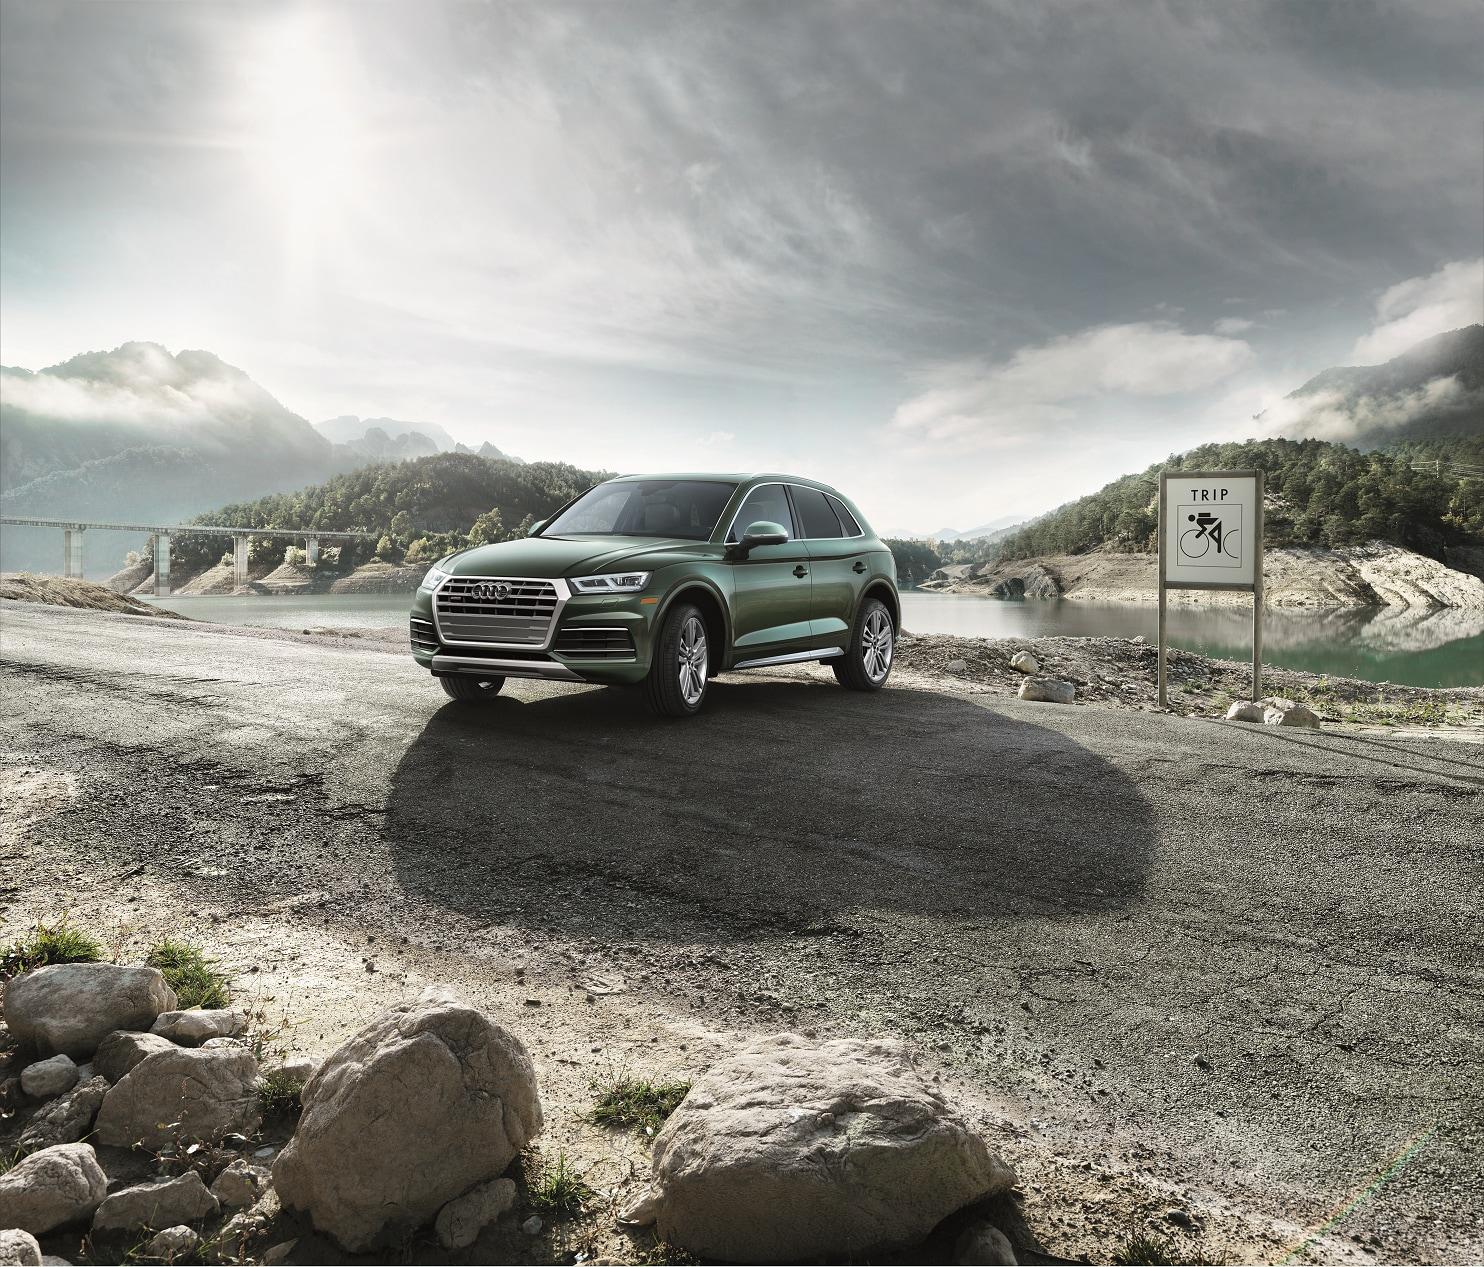 2019 Audi Q5: Audi Q5 Gas Mileage